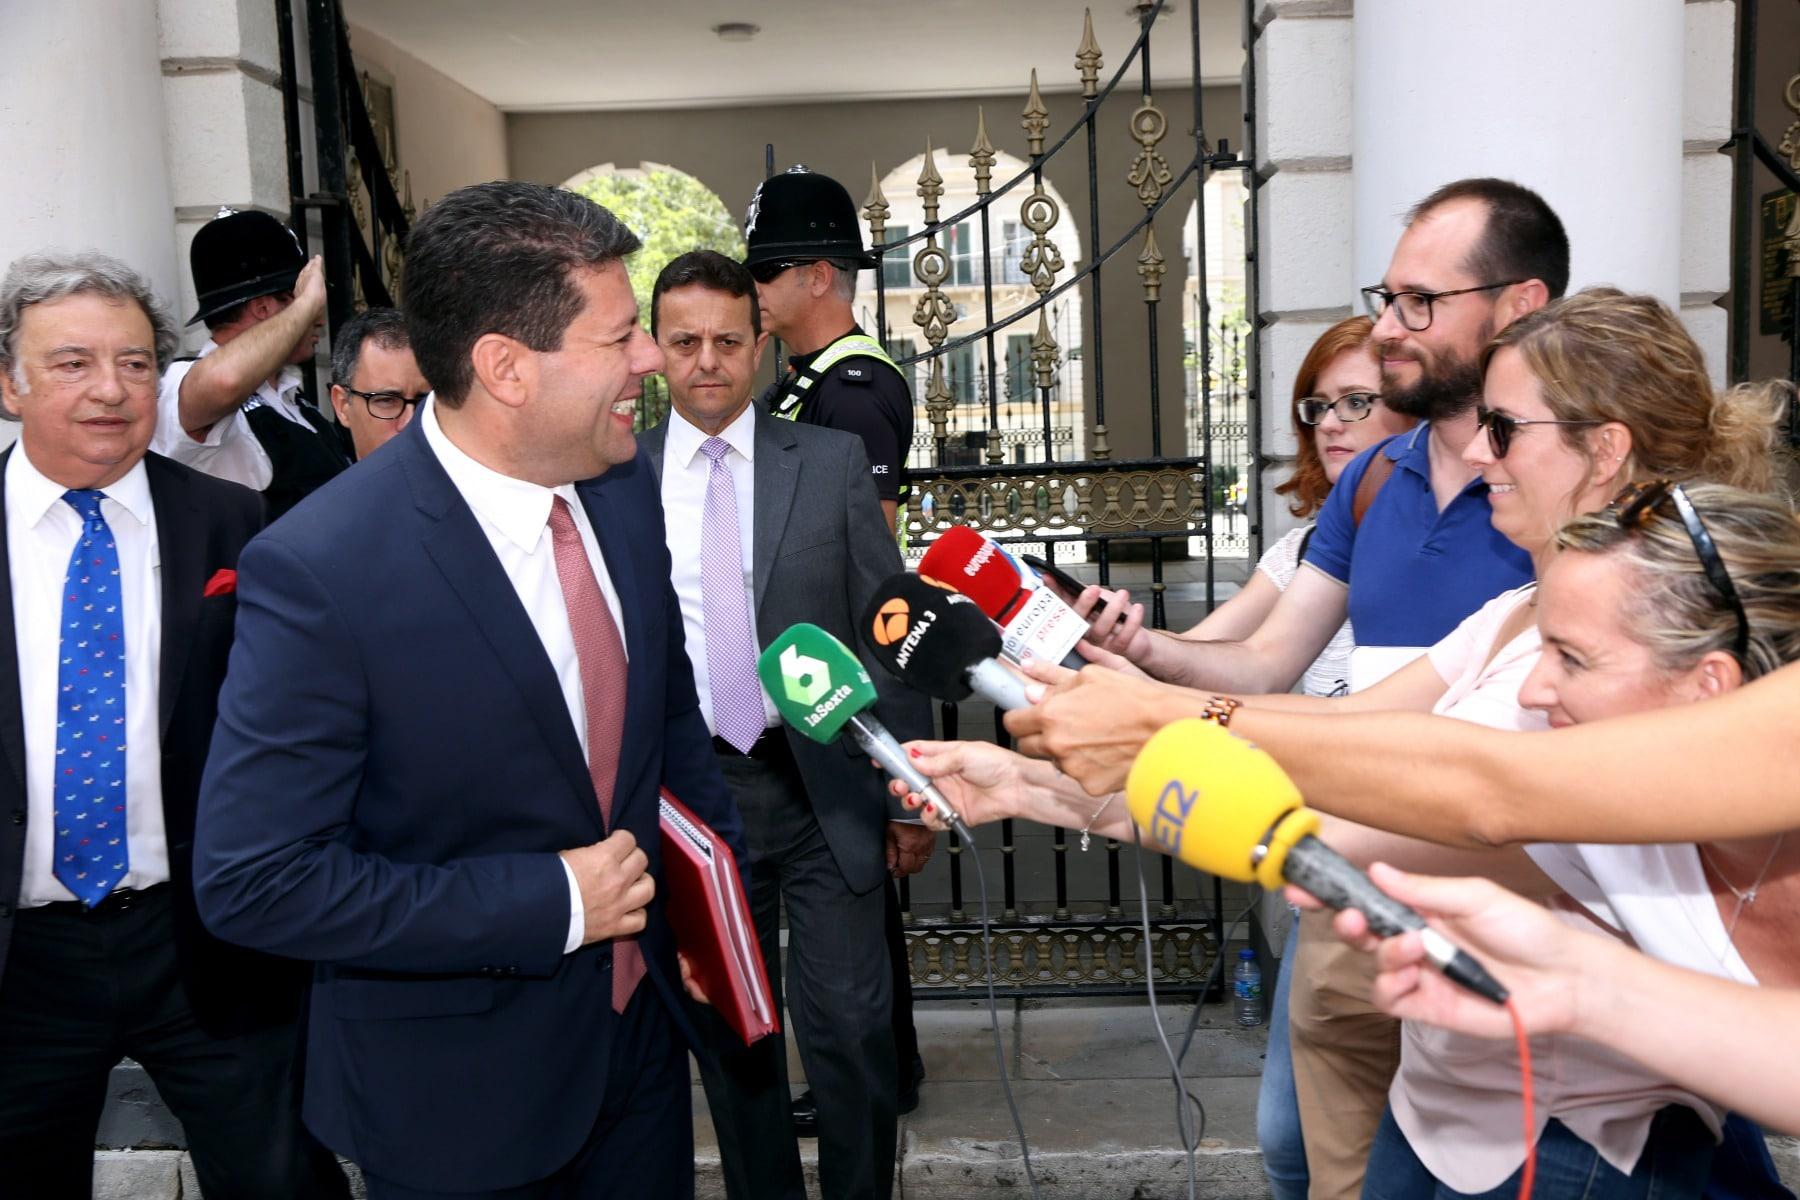 24-jun-2016-comparecencia-de-fabin-picardo-en-el-parlamento-de-gibraltar-tras-referndum-permanencia-ru-en-ue-12_27802391921_o